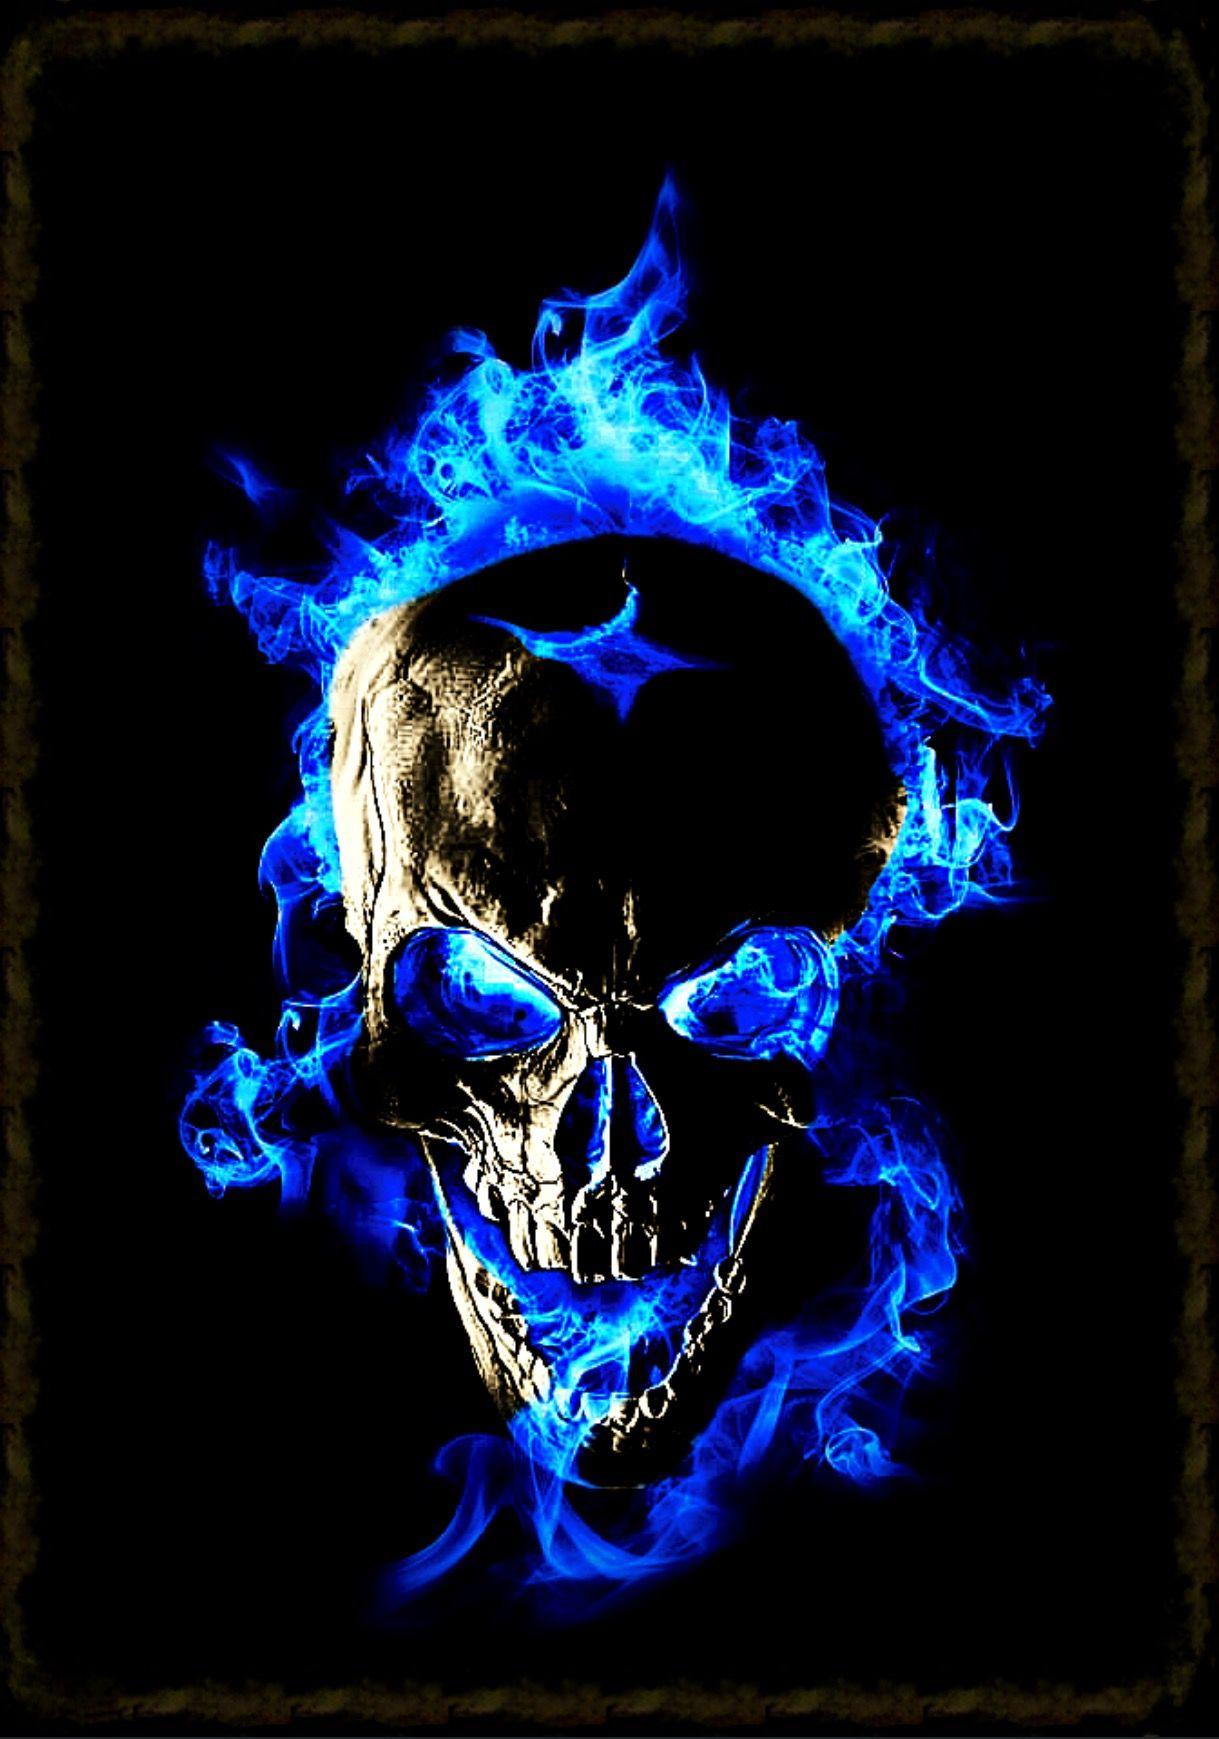 Pin By Chris Abbott On My Drawing Skull Art Skull Wallpaper Skull Artwork